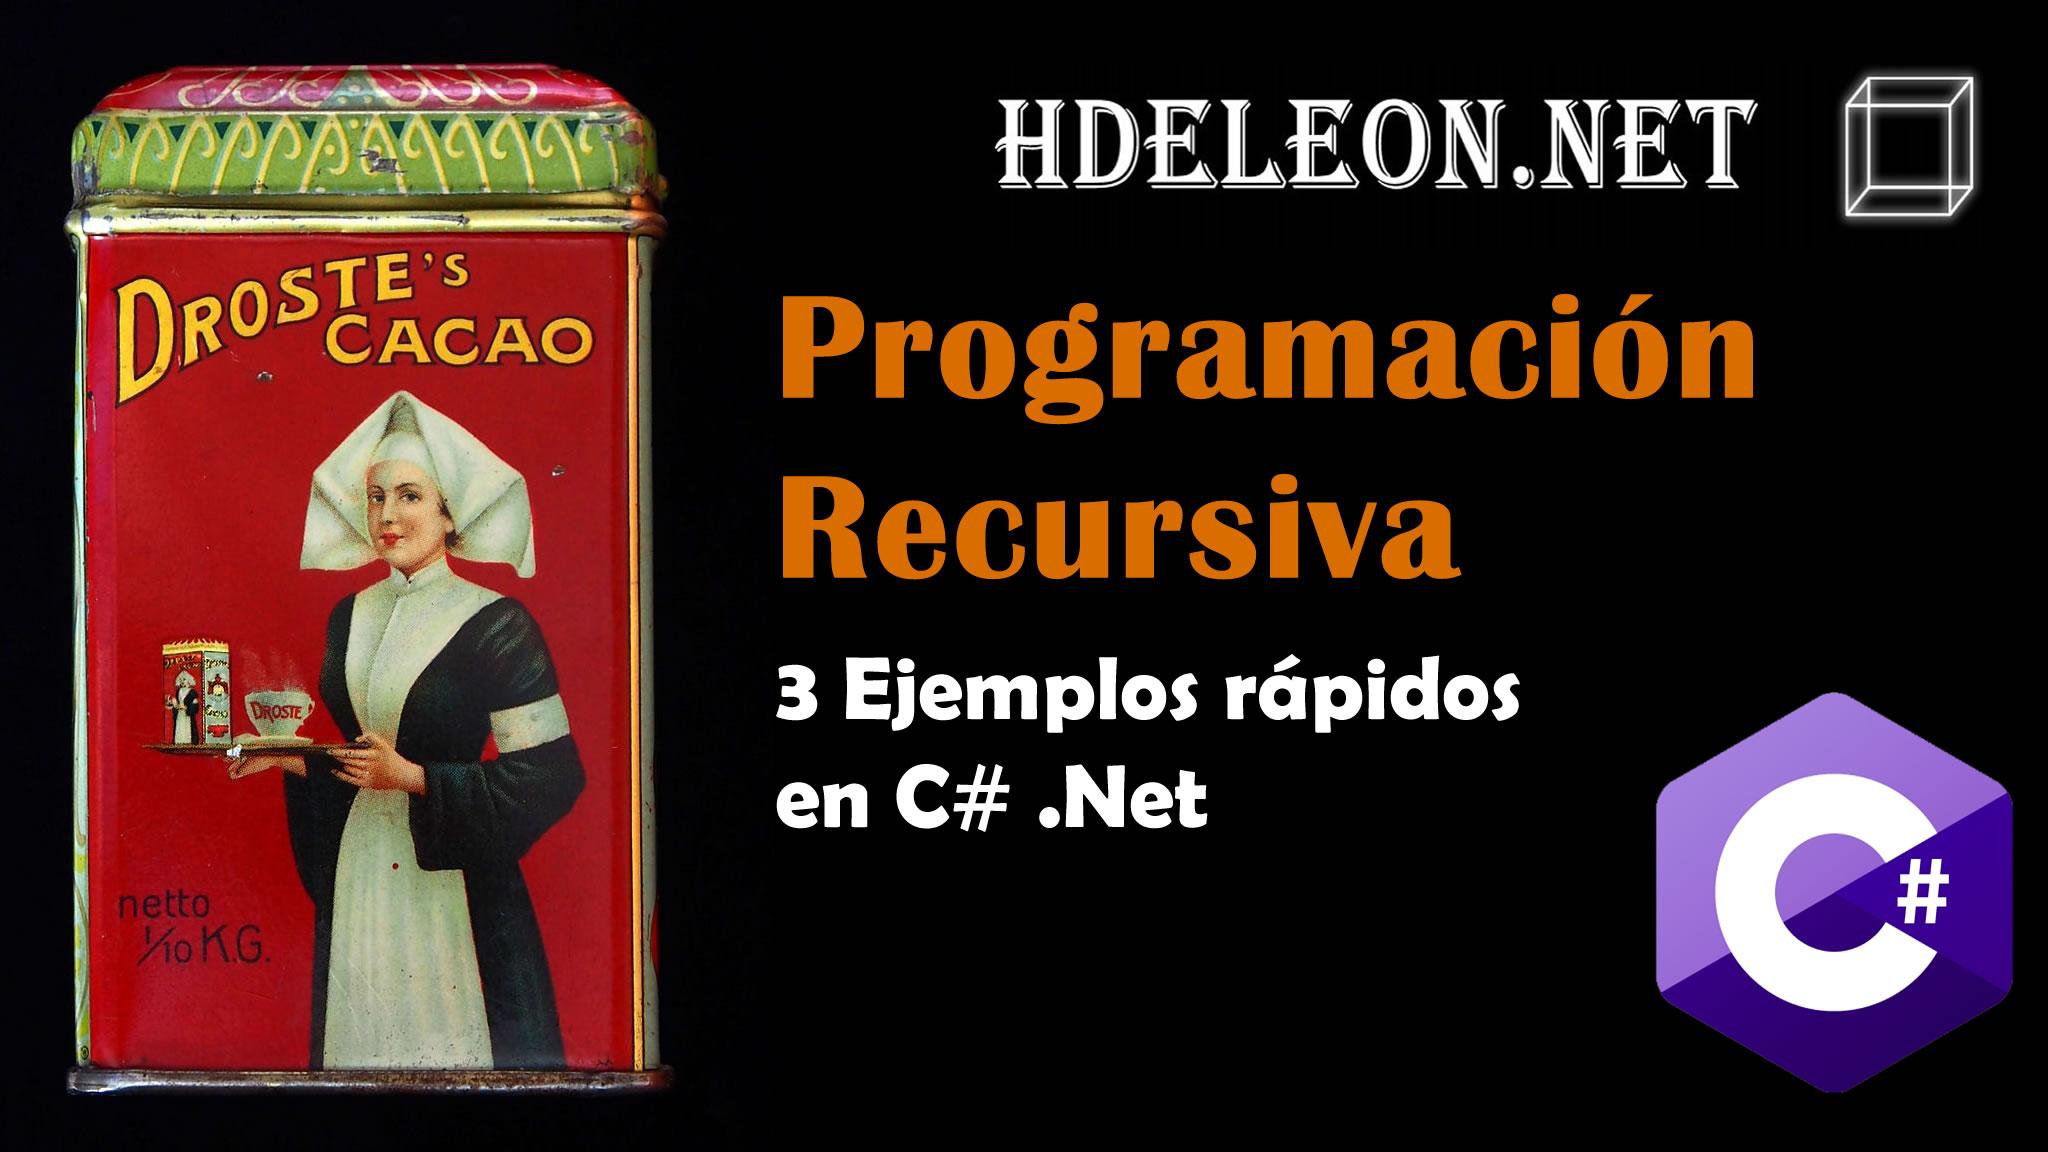 Programación recursiva fácil explicada con 3 ejemplos, C# .Net, recorrido arreglos, suma, dibujar árbol